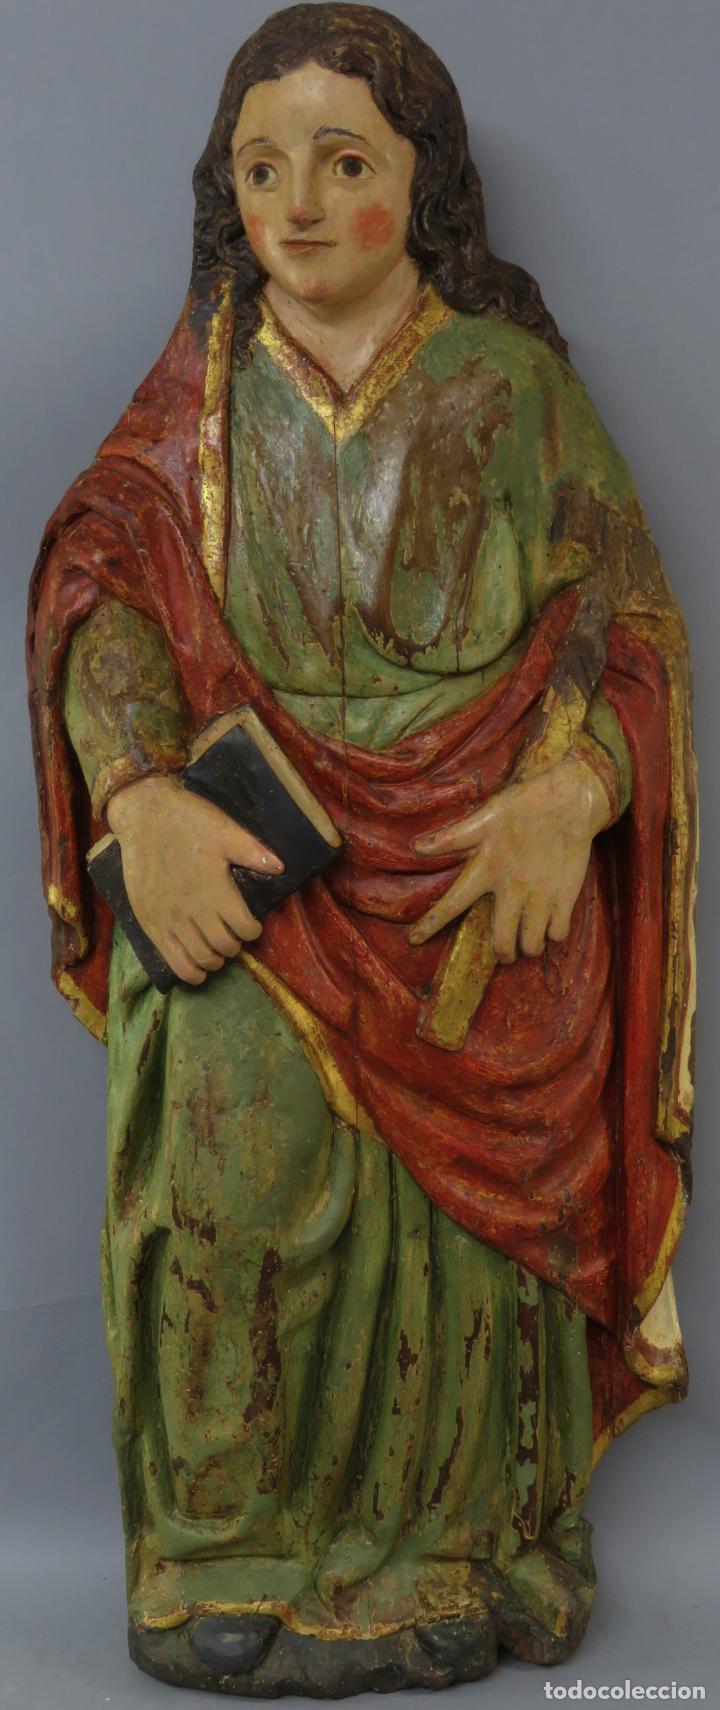 TALLA DE MEDIO BULTO O CHULETA SAN JUAN EVANGELISTA MADERA TALLADA DORADA Y POLICROMADA XVI XVII (Arte - Arte Religioso - Escultura)